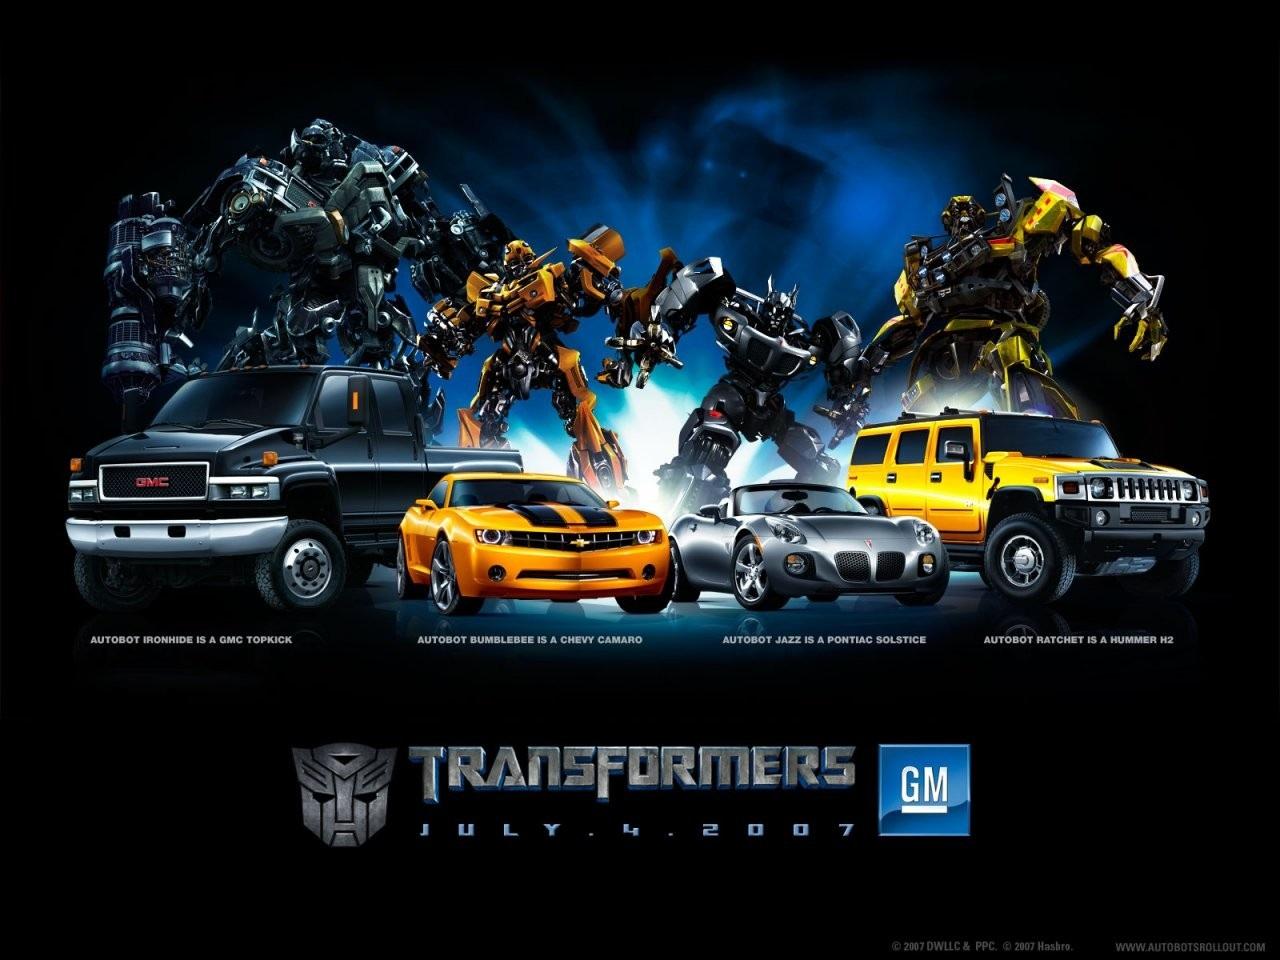 Autobots Wallpaper   Transformers Wallpaper 24079233 1280x960